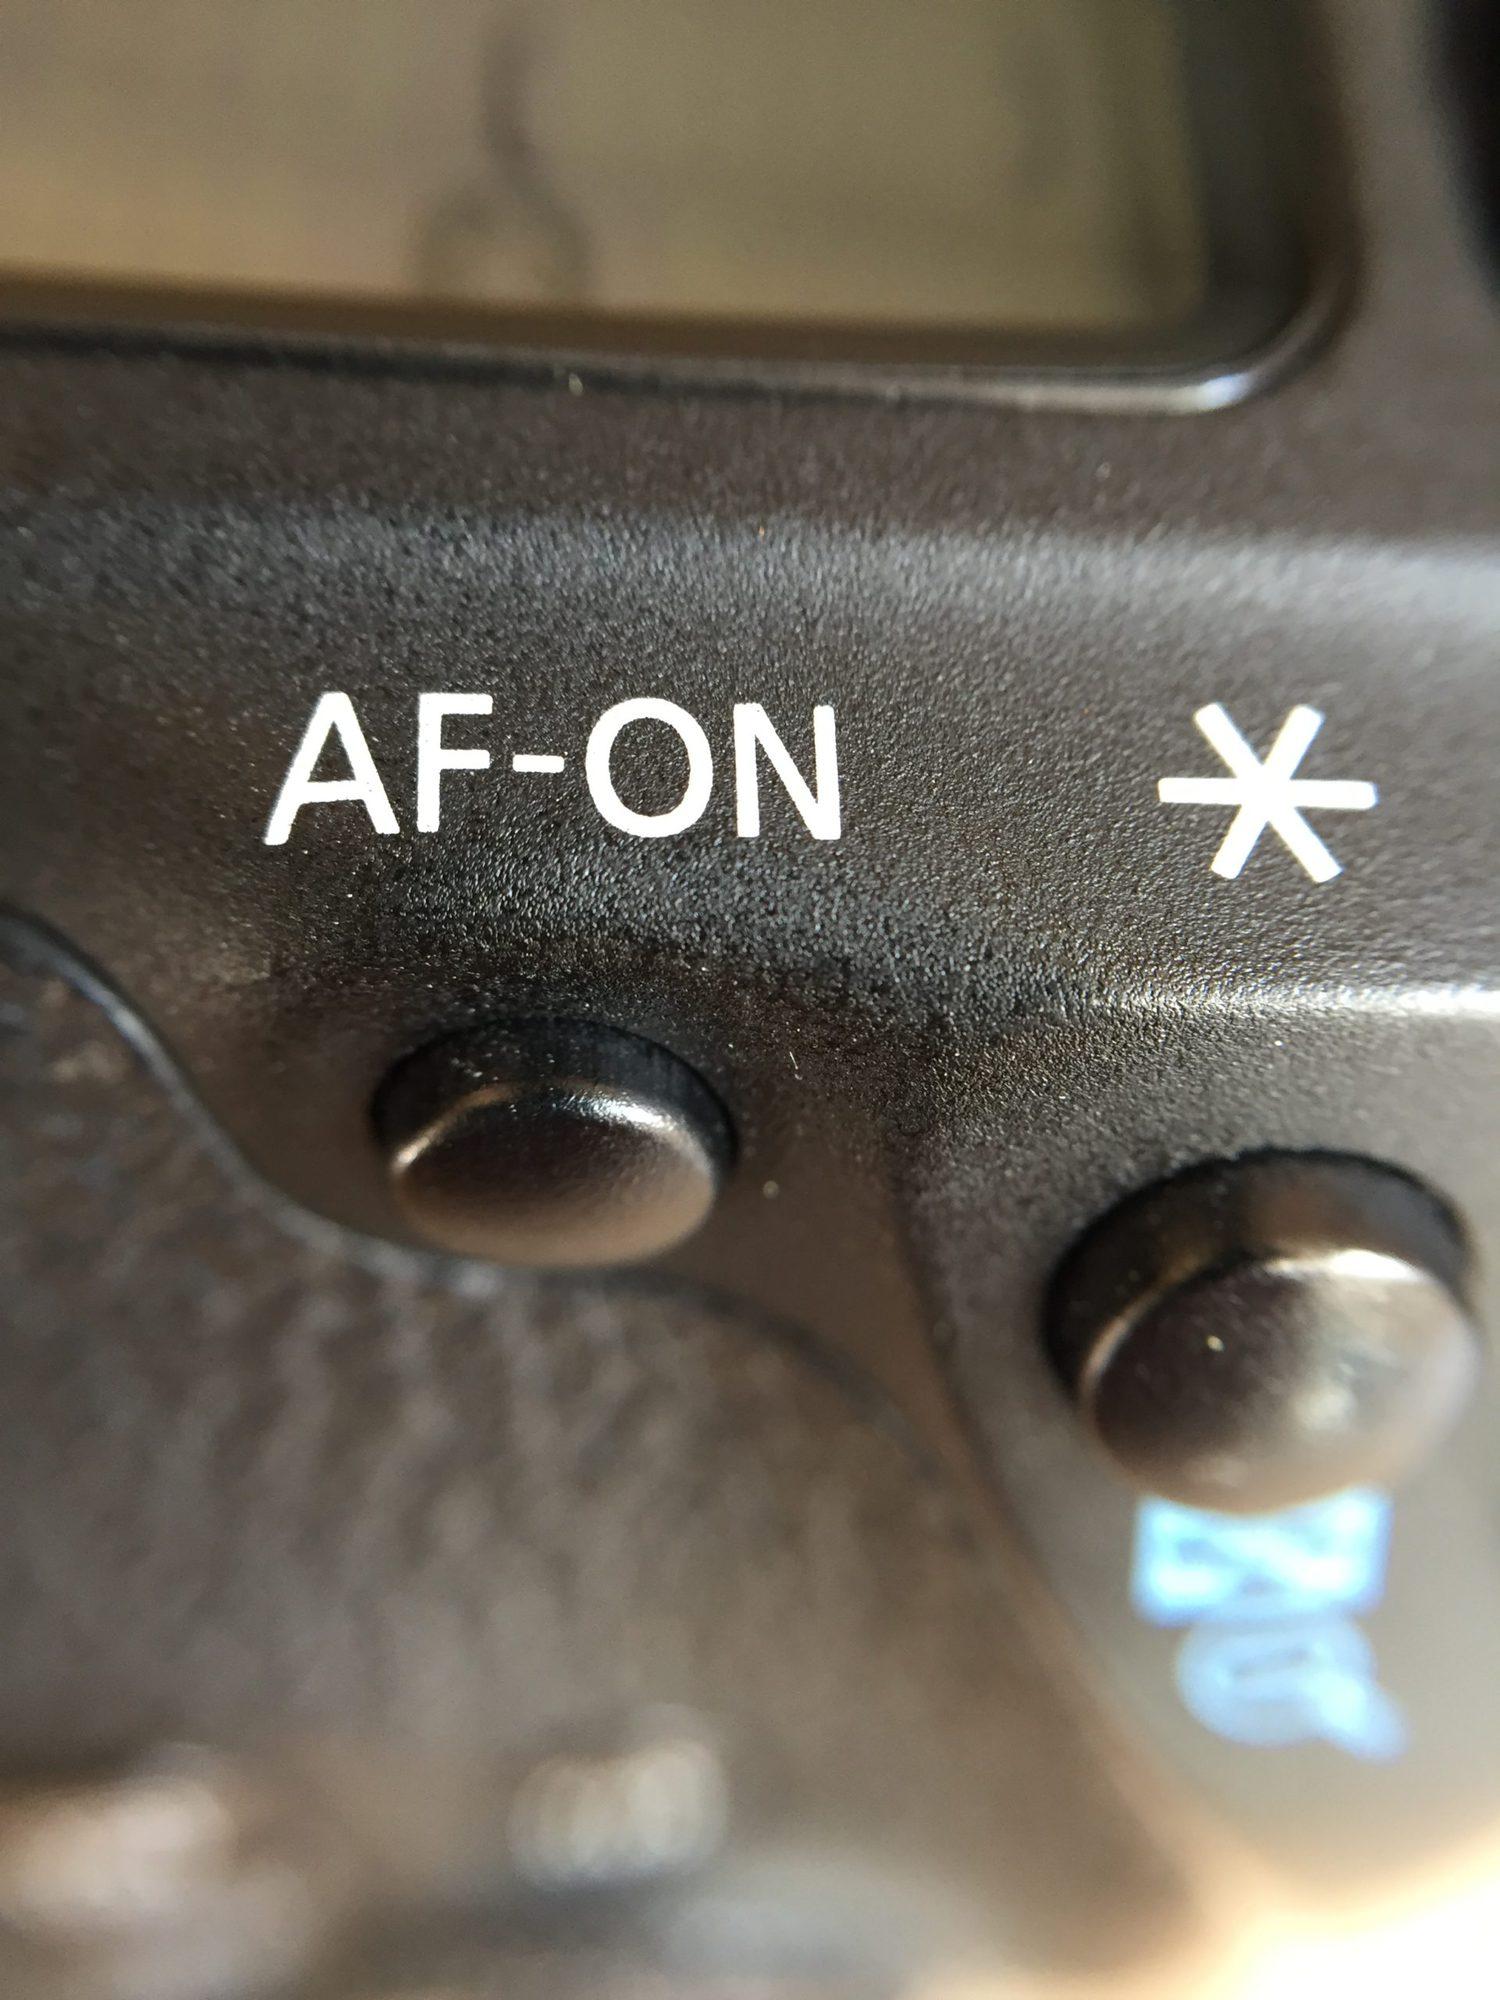 Botón AF-ON para disociar el enfoque